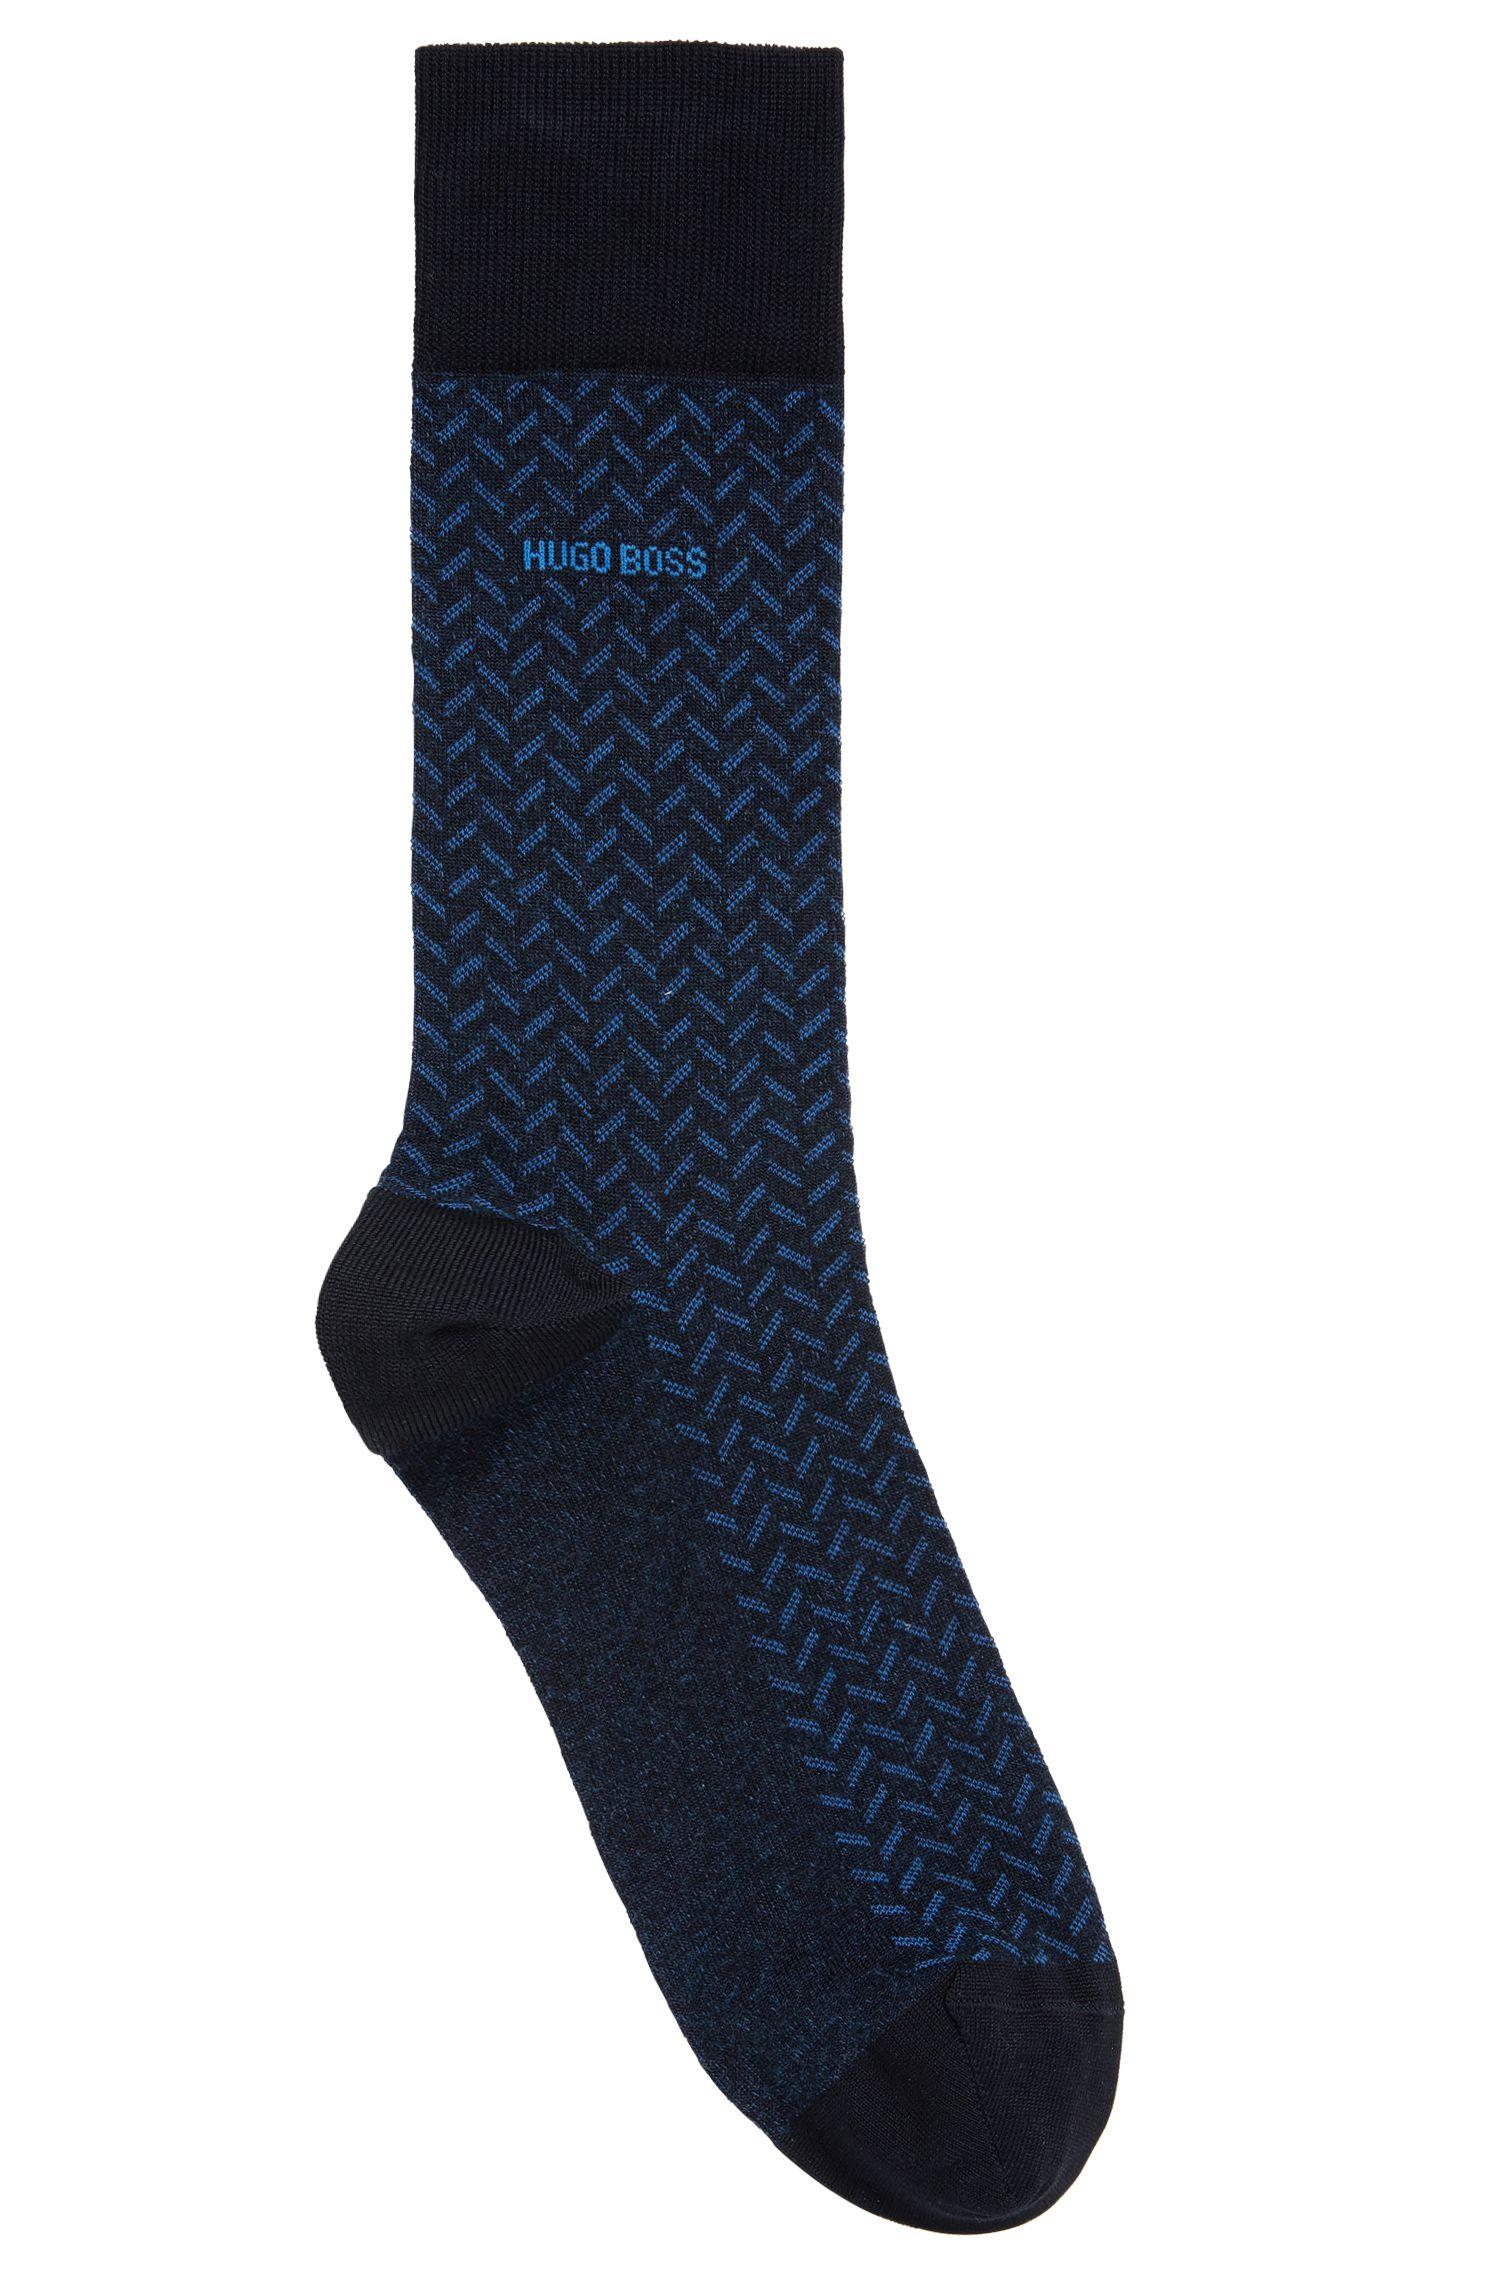 Socken aus merzerisierter Stretch-Baumwolle mit Fischgrät-Muster